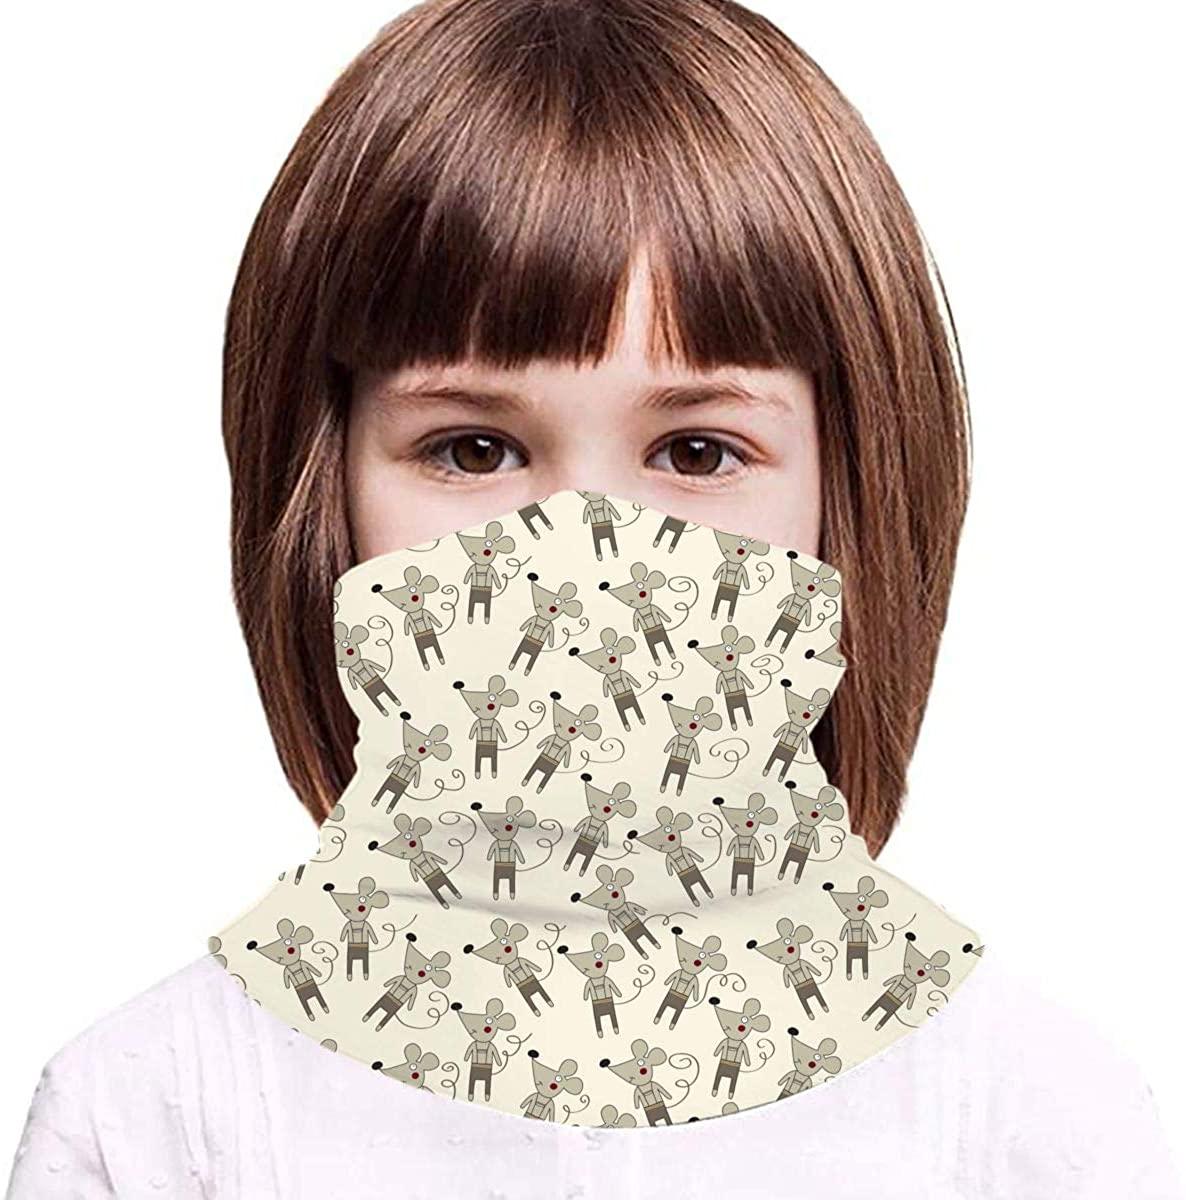 Mice Neck Gaiter Face Mask Bandana Dust Wind Sun UV Balaclava for Teen Boy Girl Outdoors